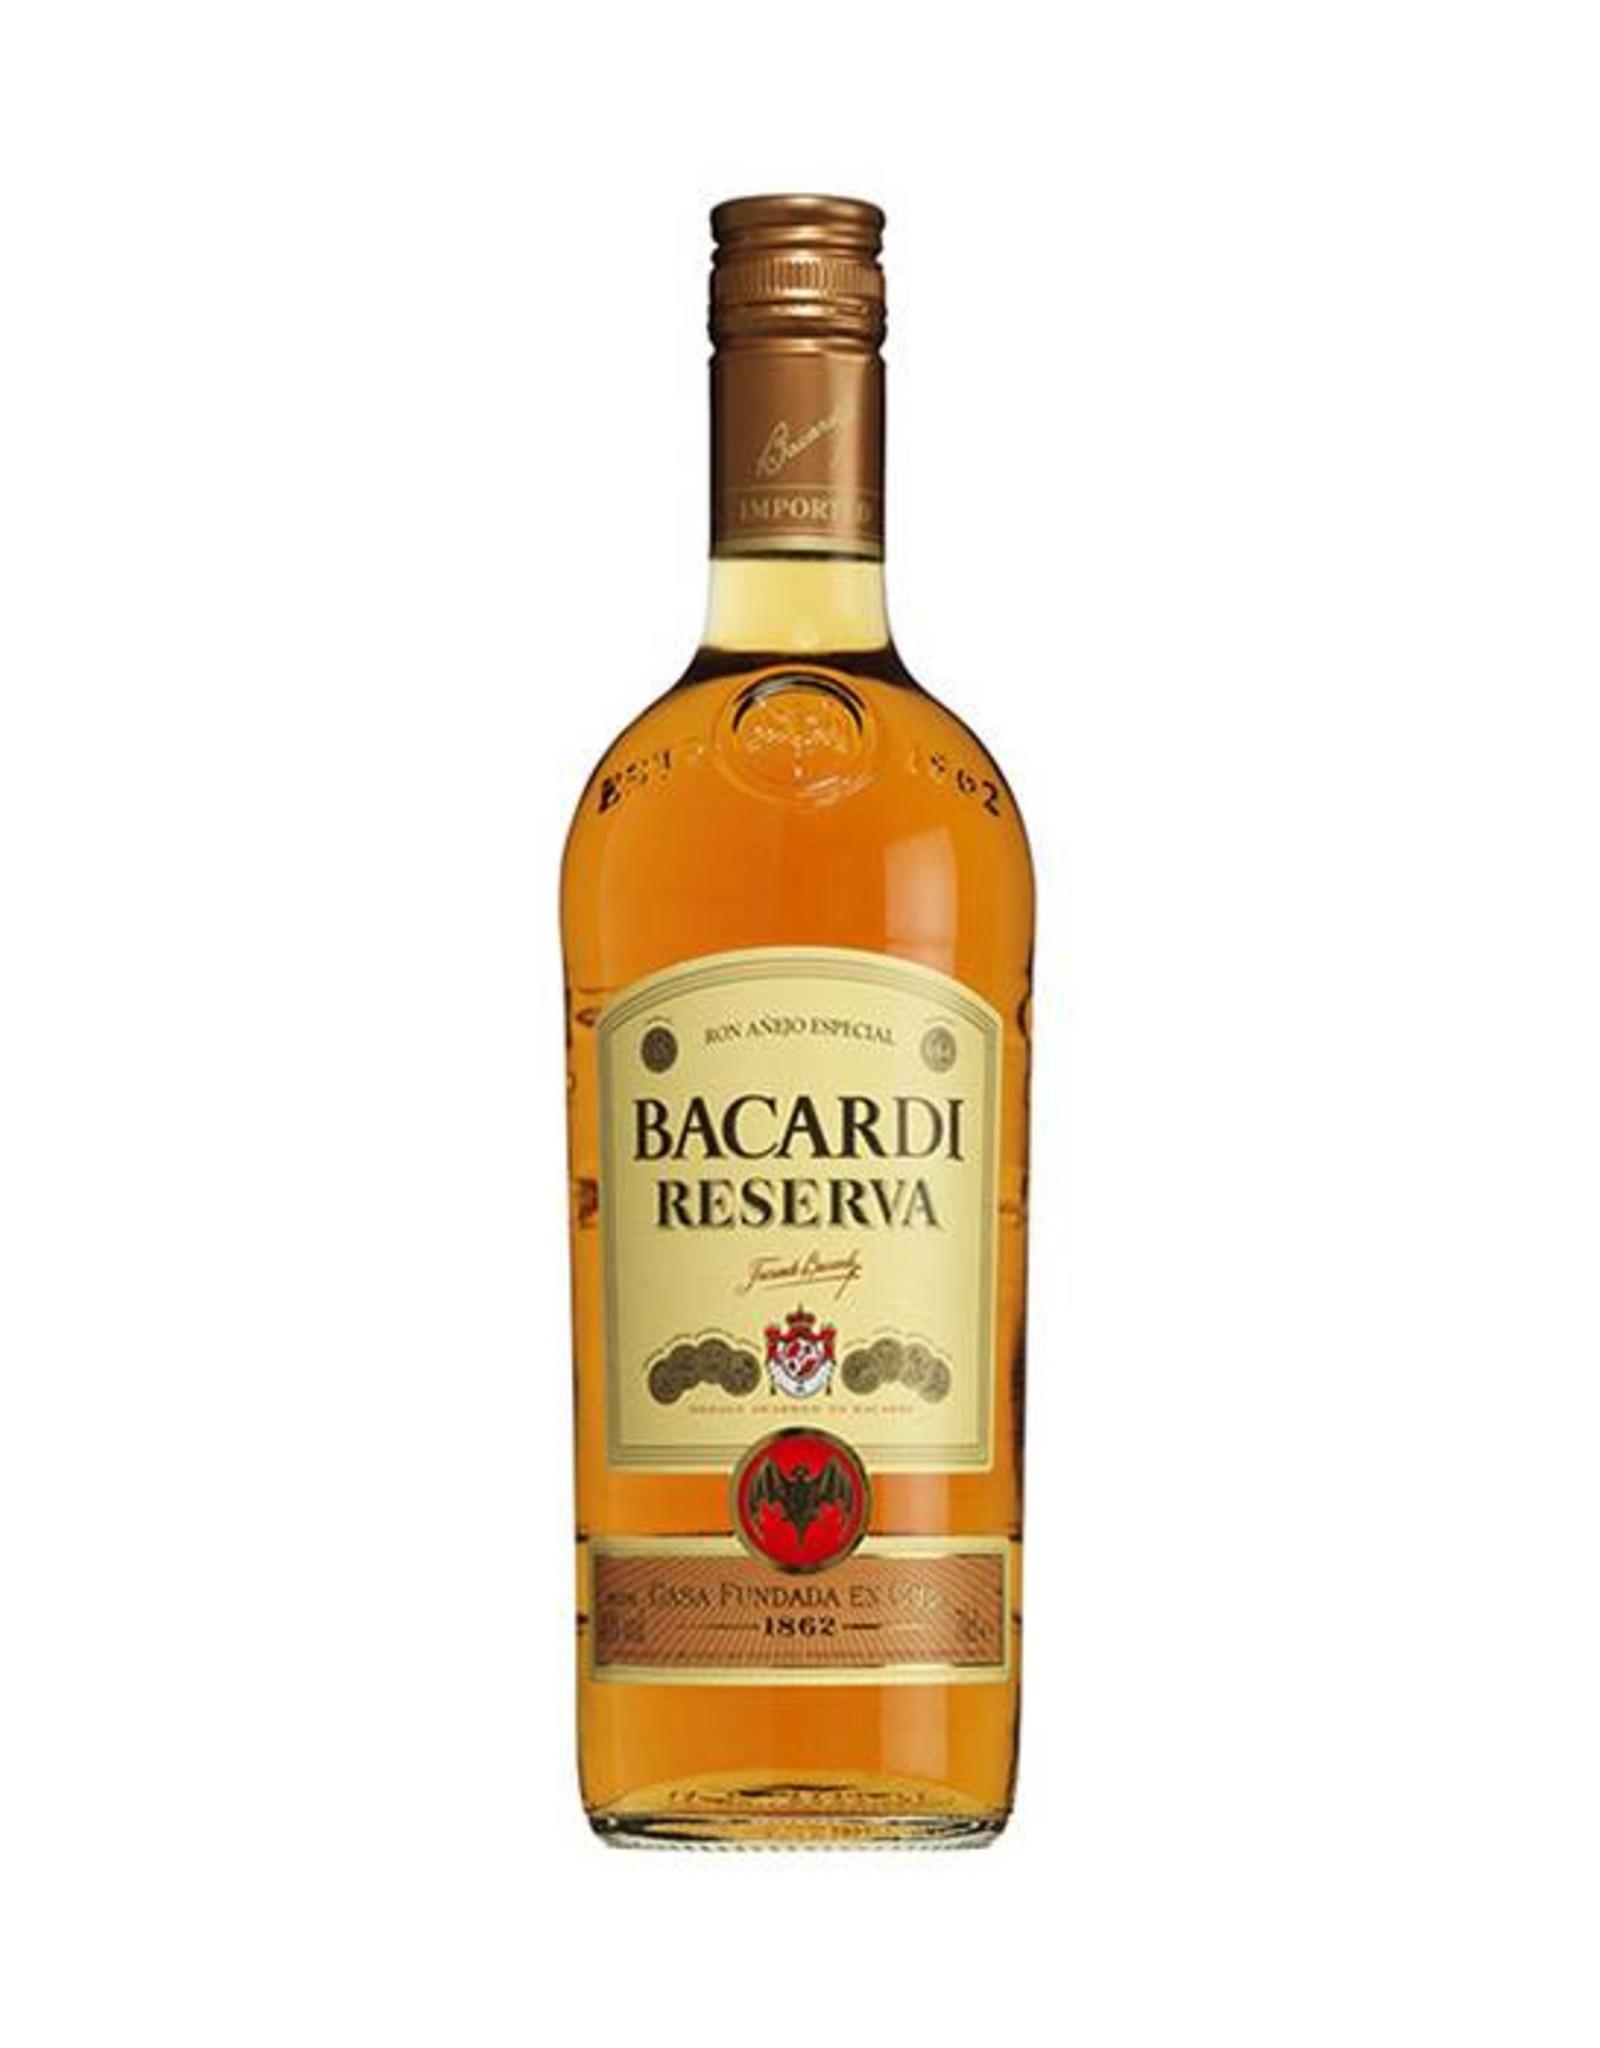 Bacardi Reserva, Rum, 40%, 700ml